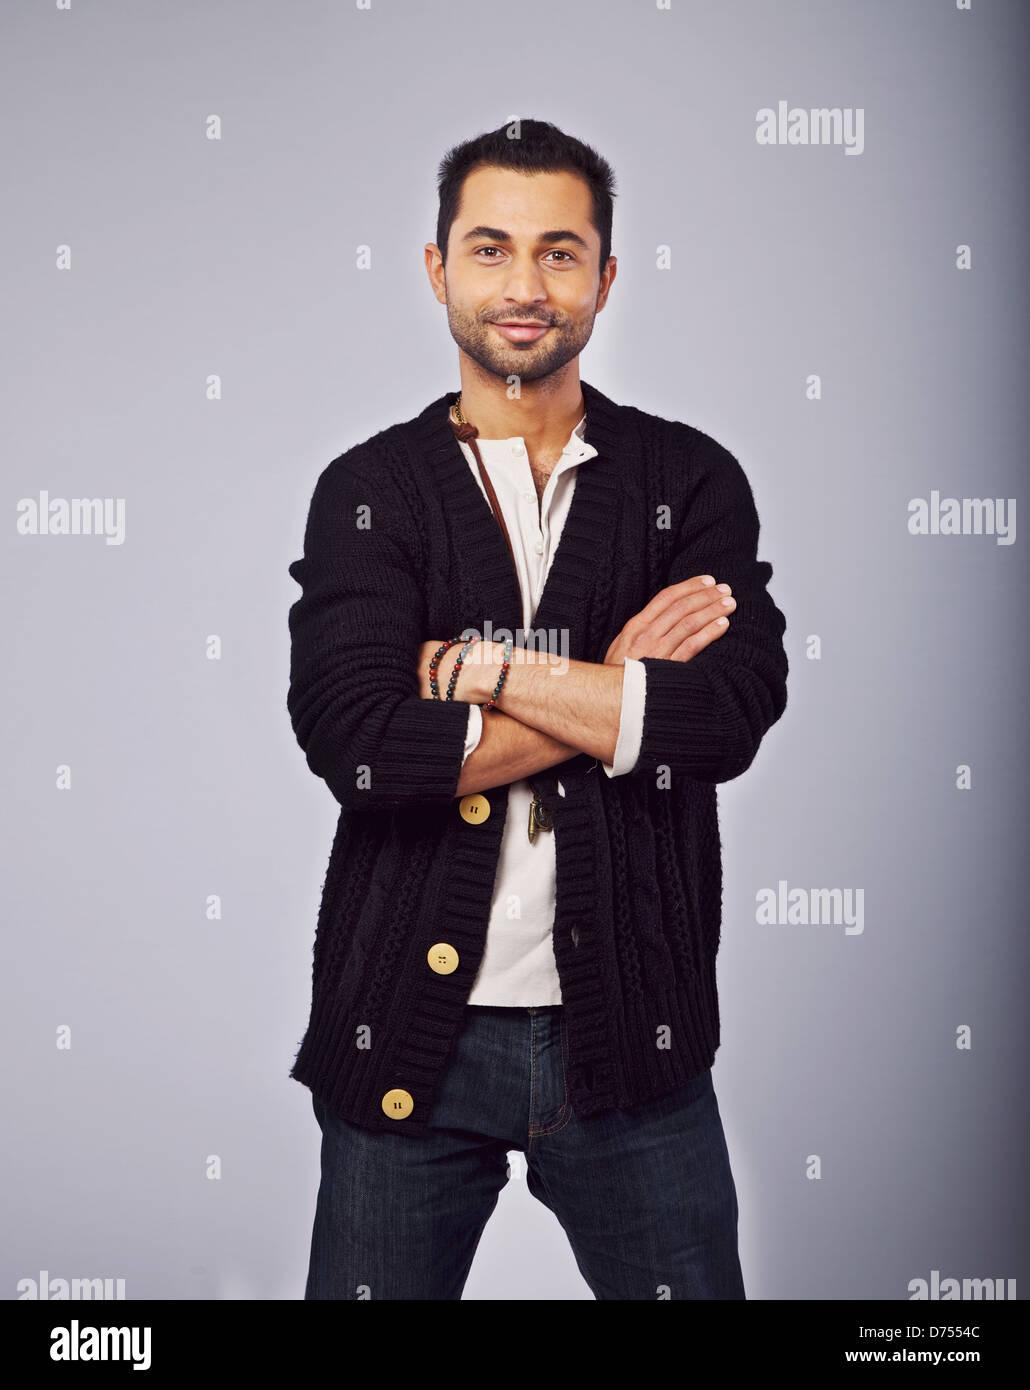 Porträt von einem lächelnden modischen Mann stehend in einem studio Stockbild